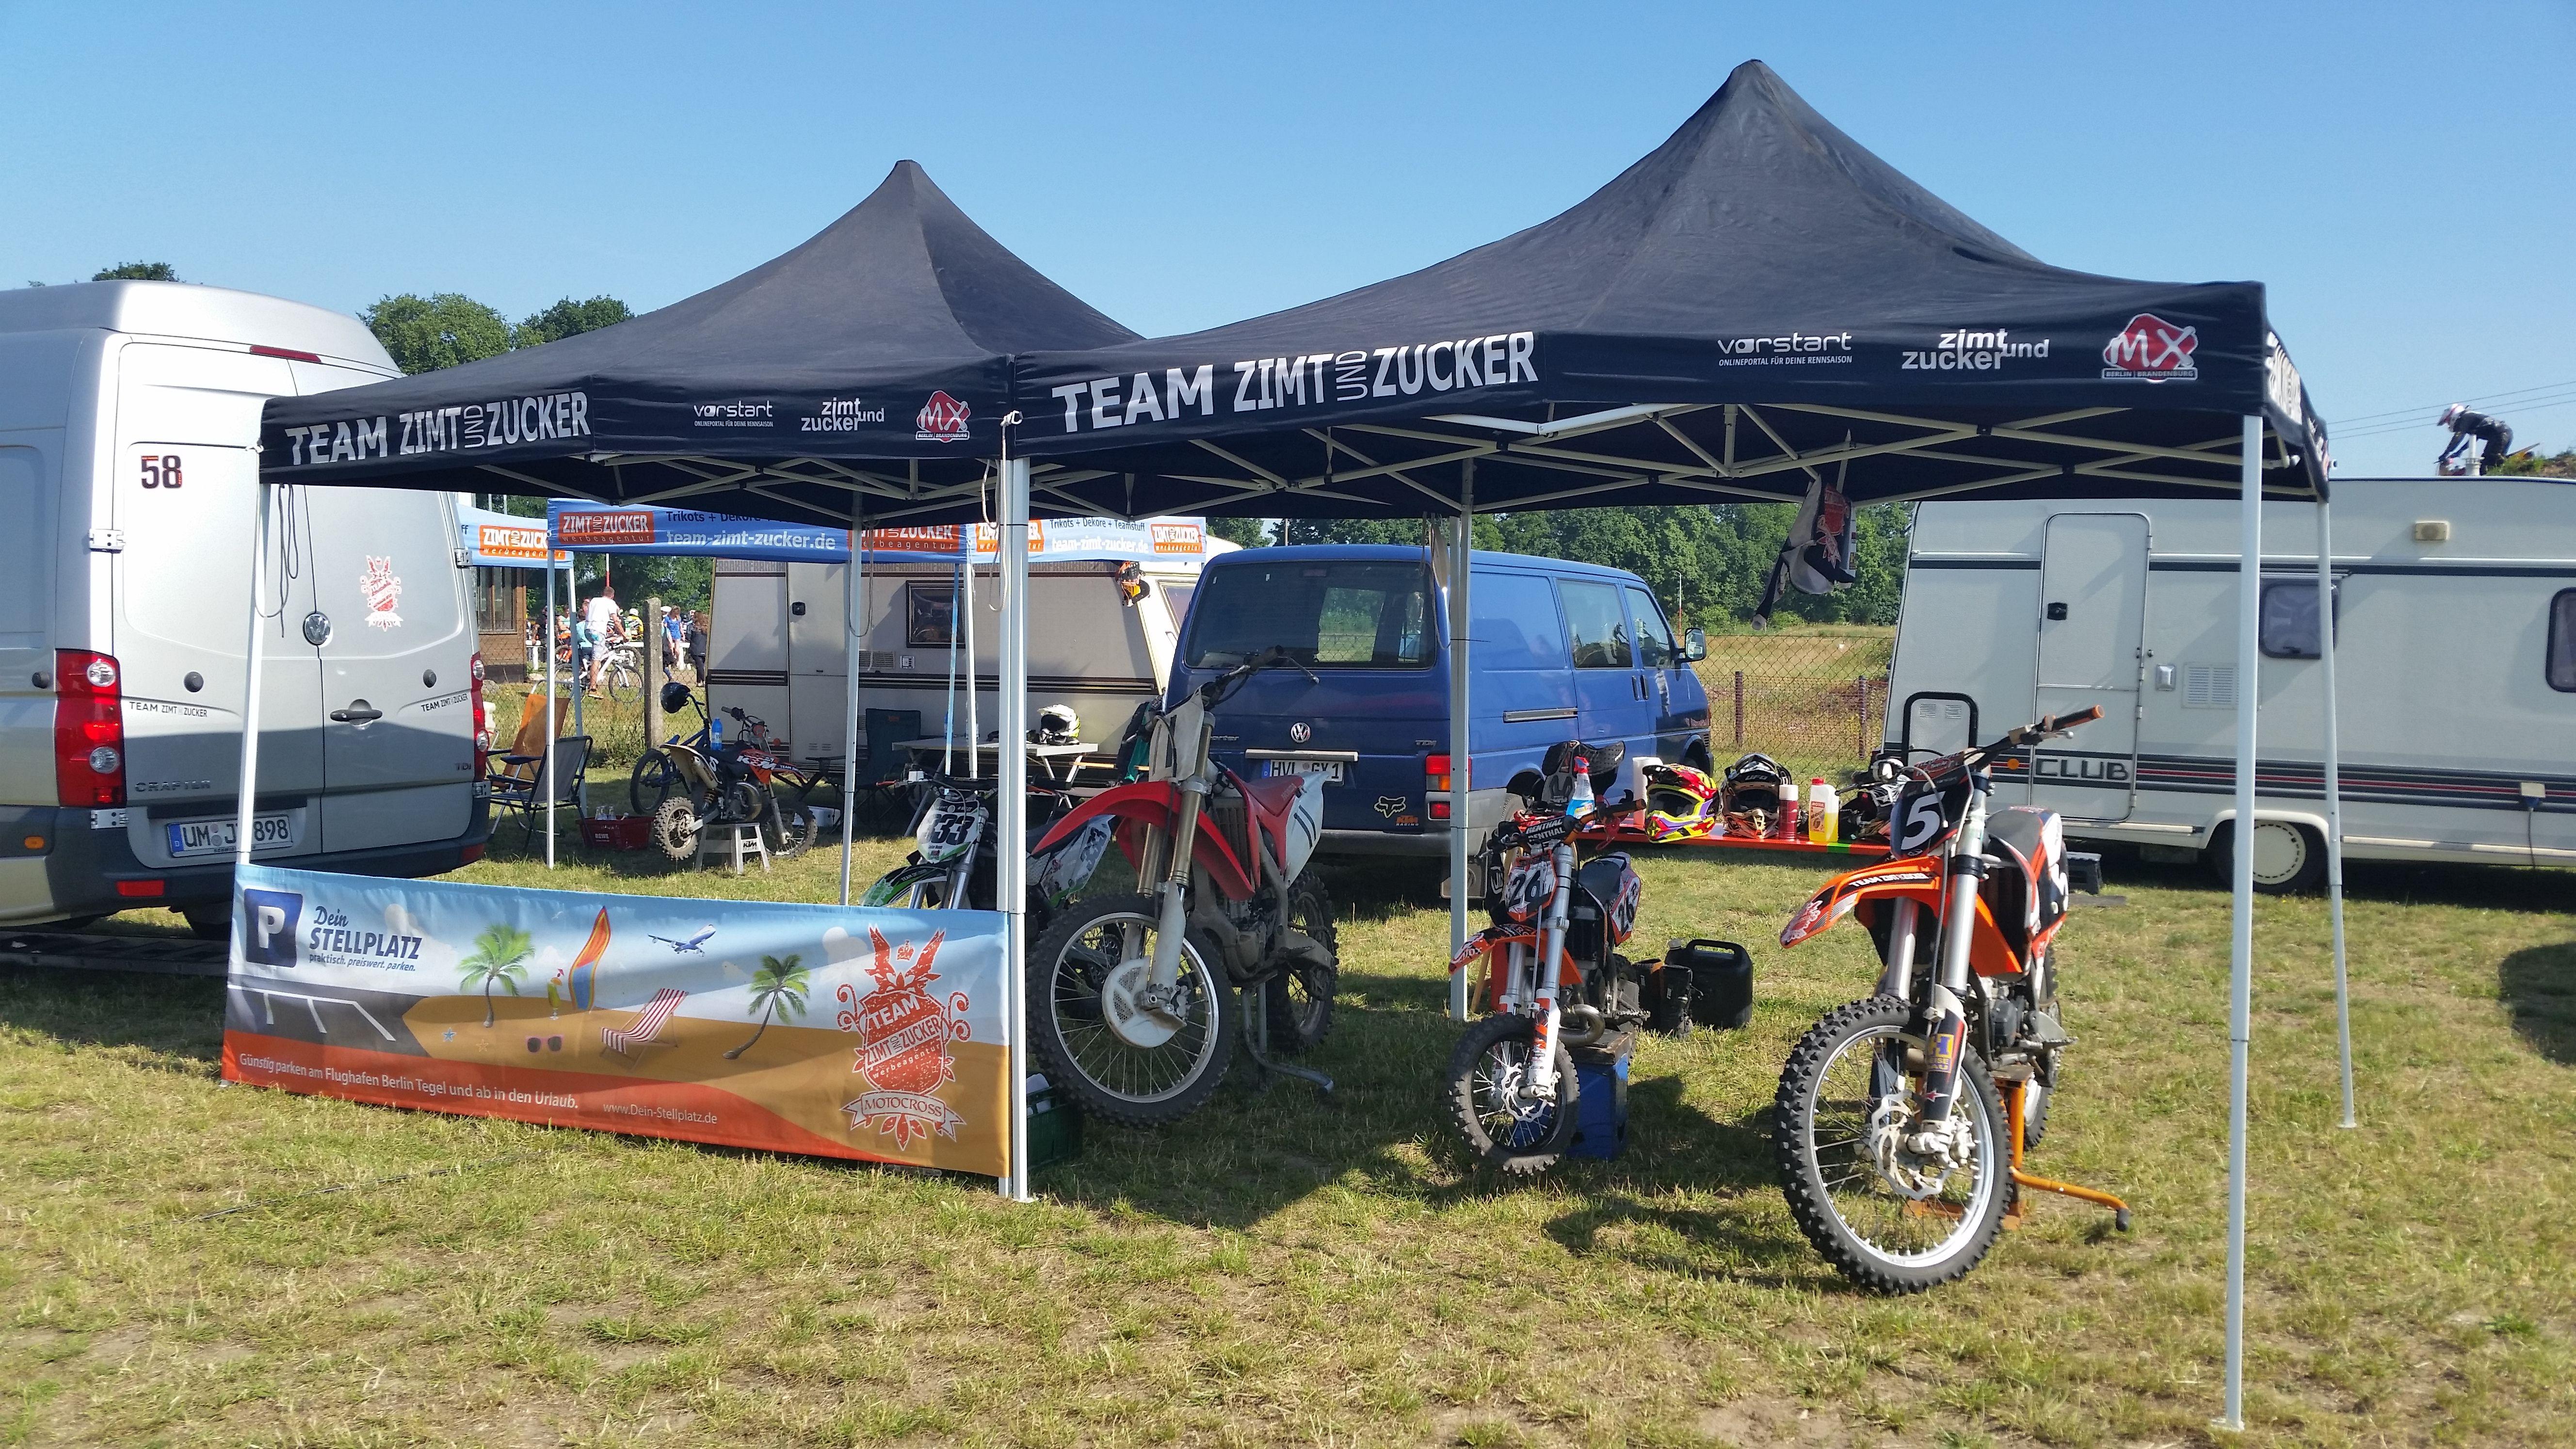 Team Zimt und Zucker & Team Zimt und Zucker | Motocross - Race Day | Pinterest | Motocross